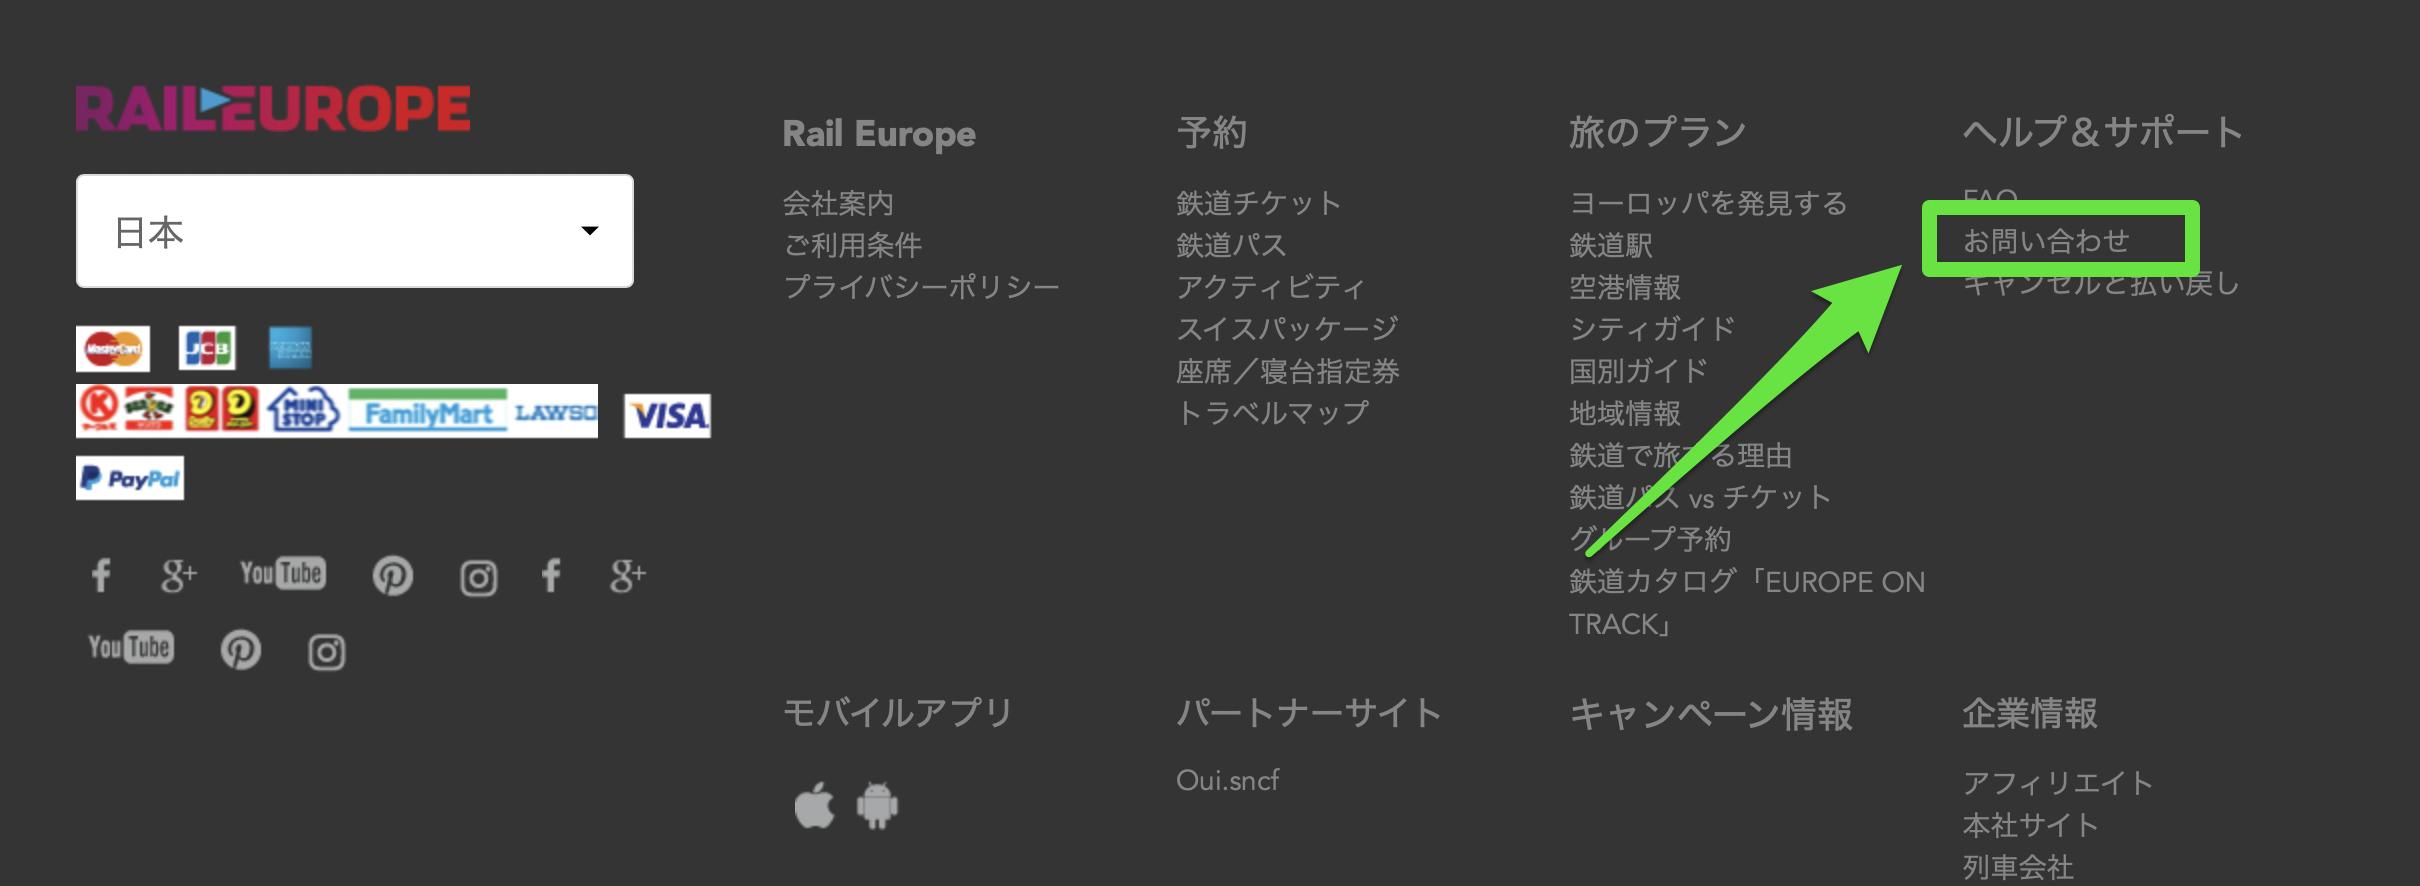 レイルヨーロッパの予約変更